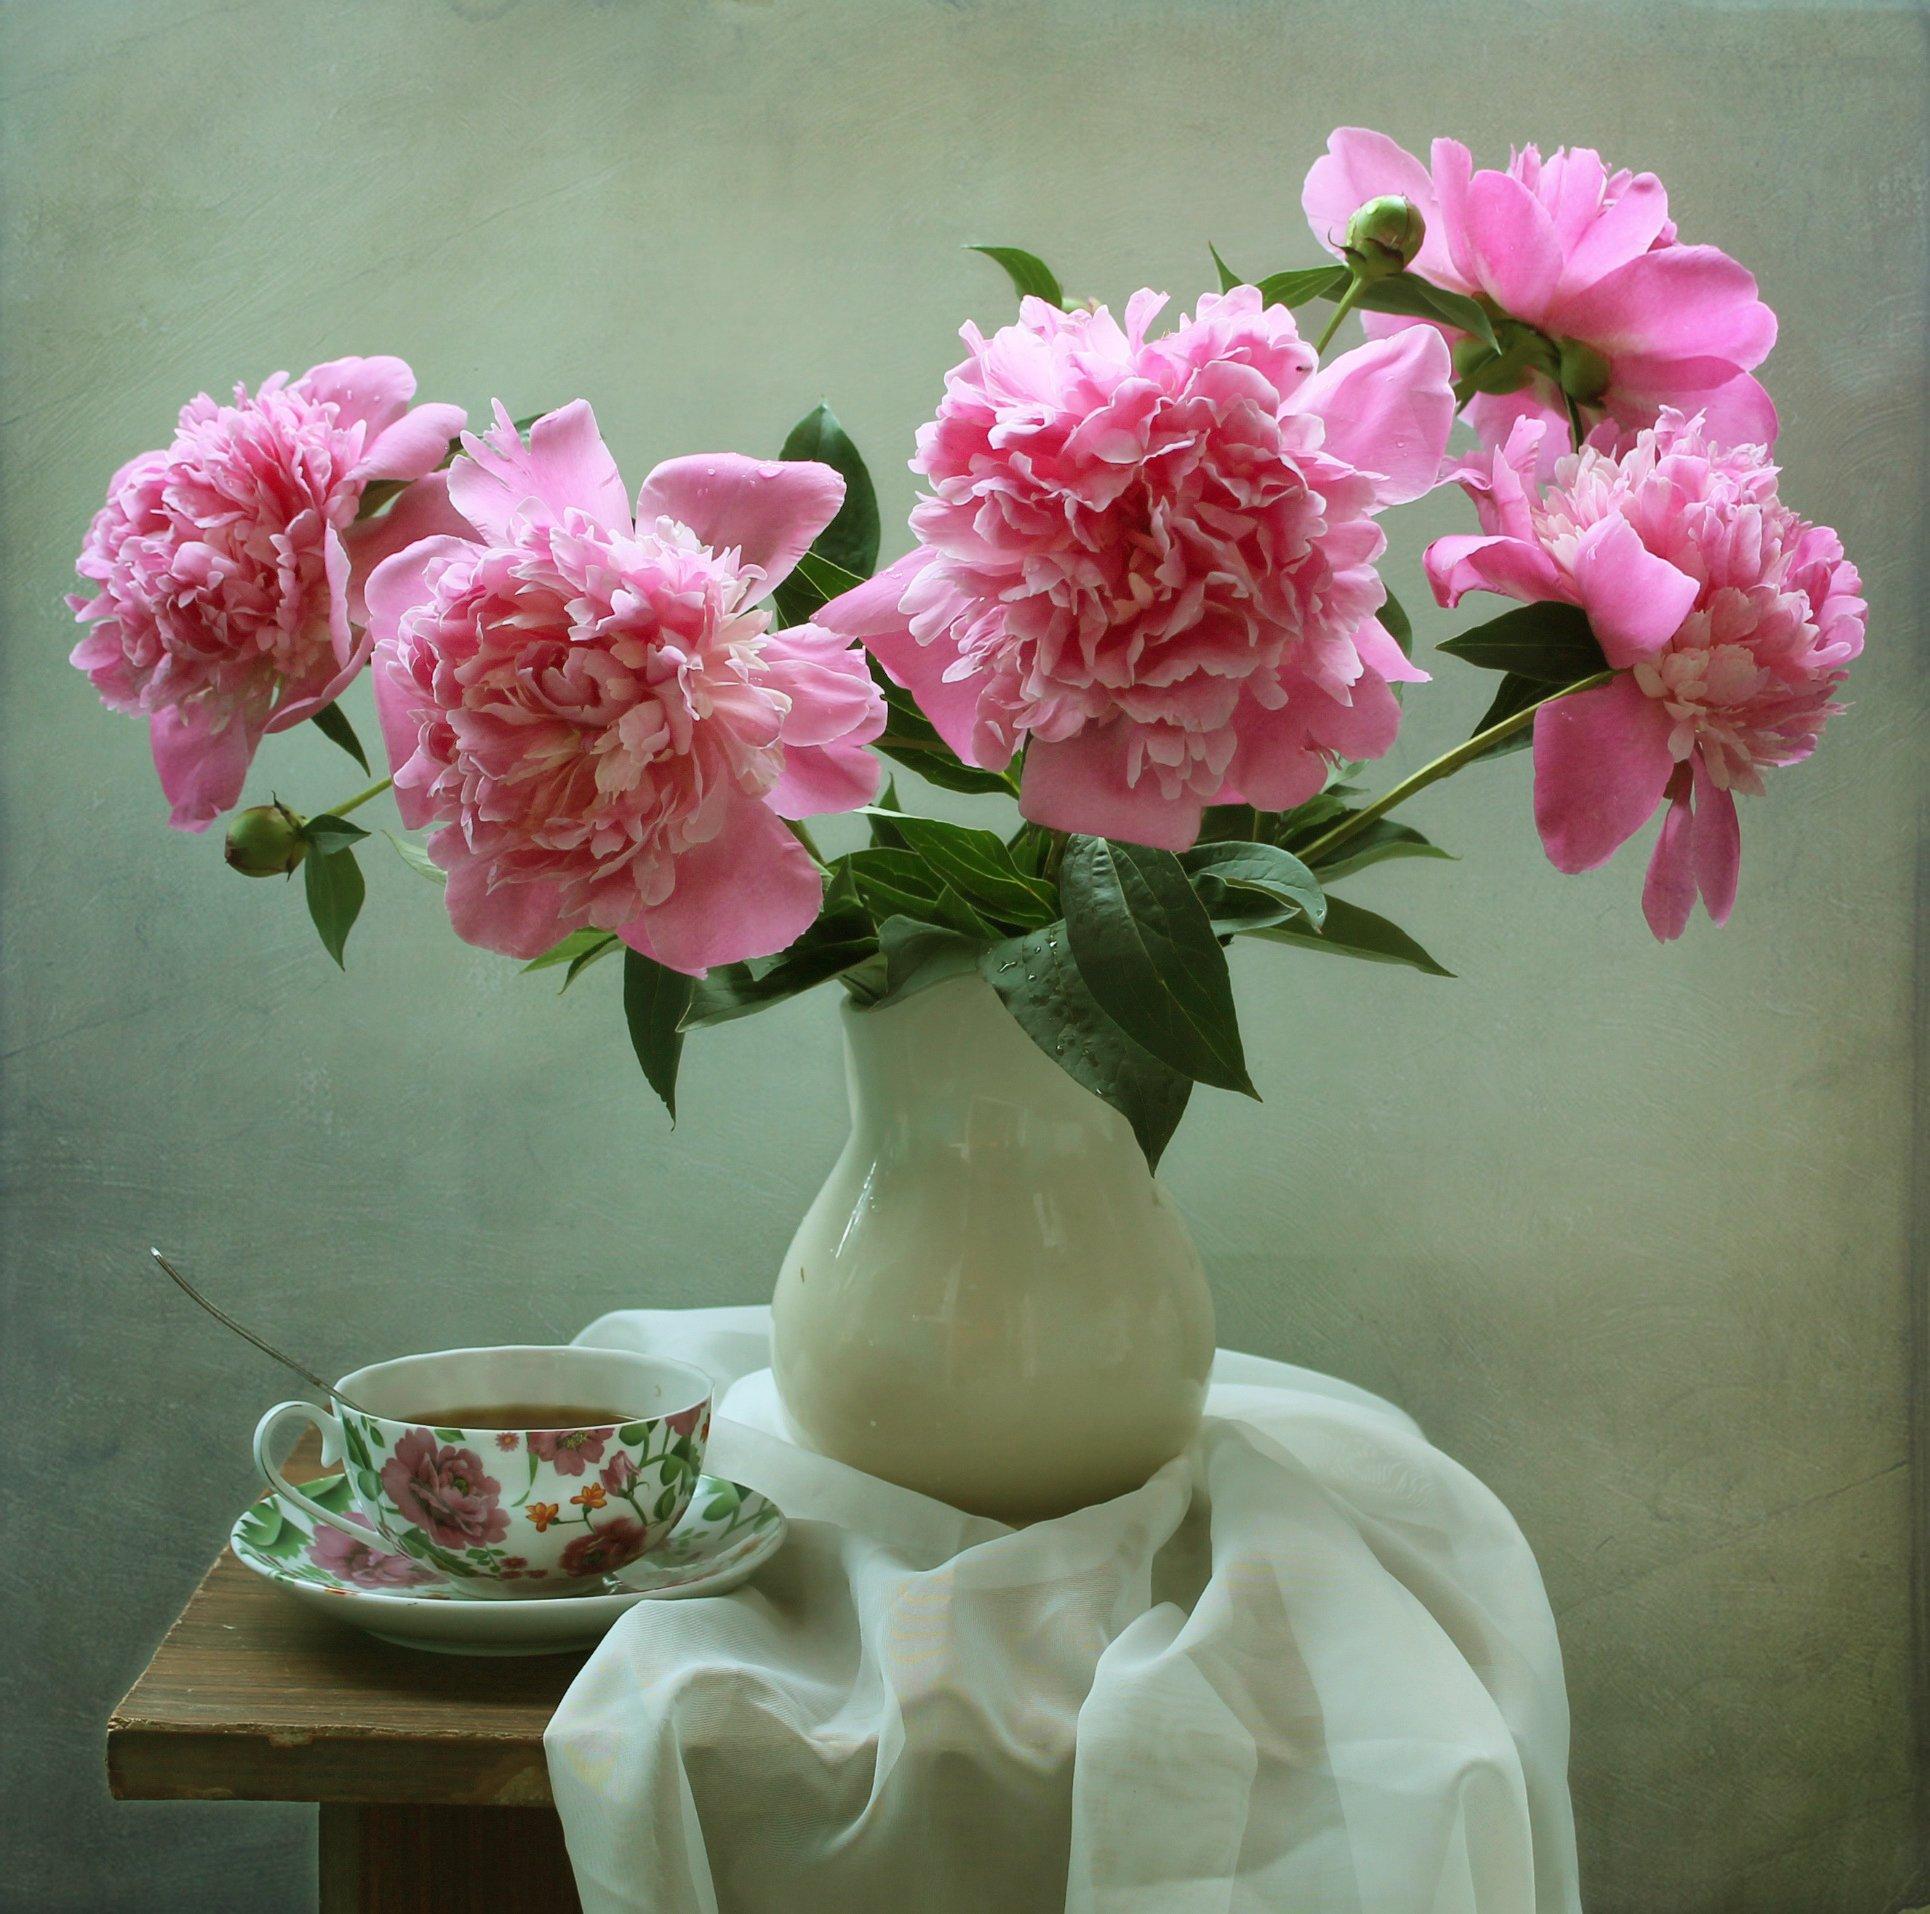 натюрморт, лето, цветы, пионы, фарфор, Ковалева Светлана